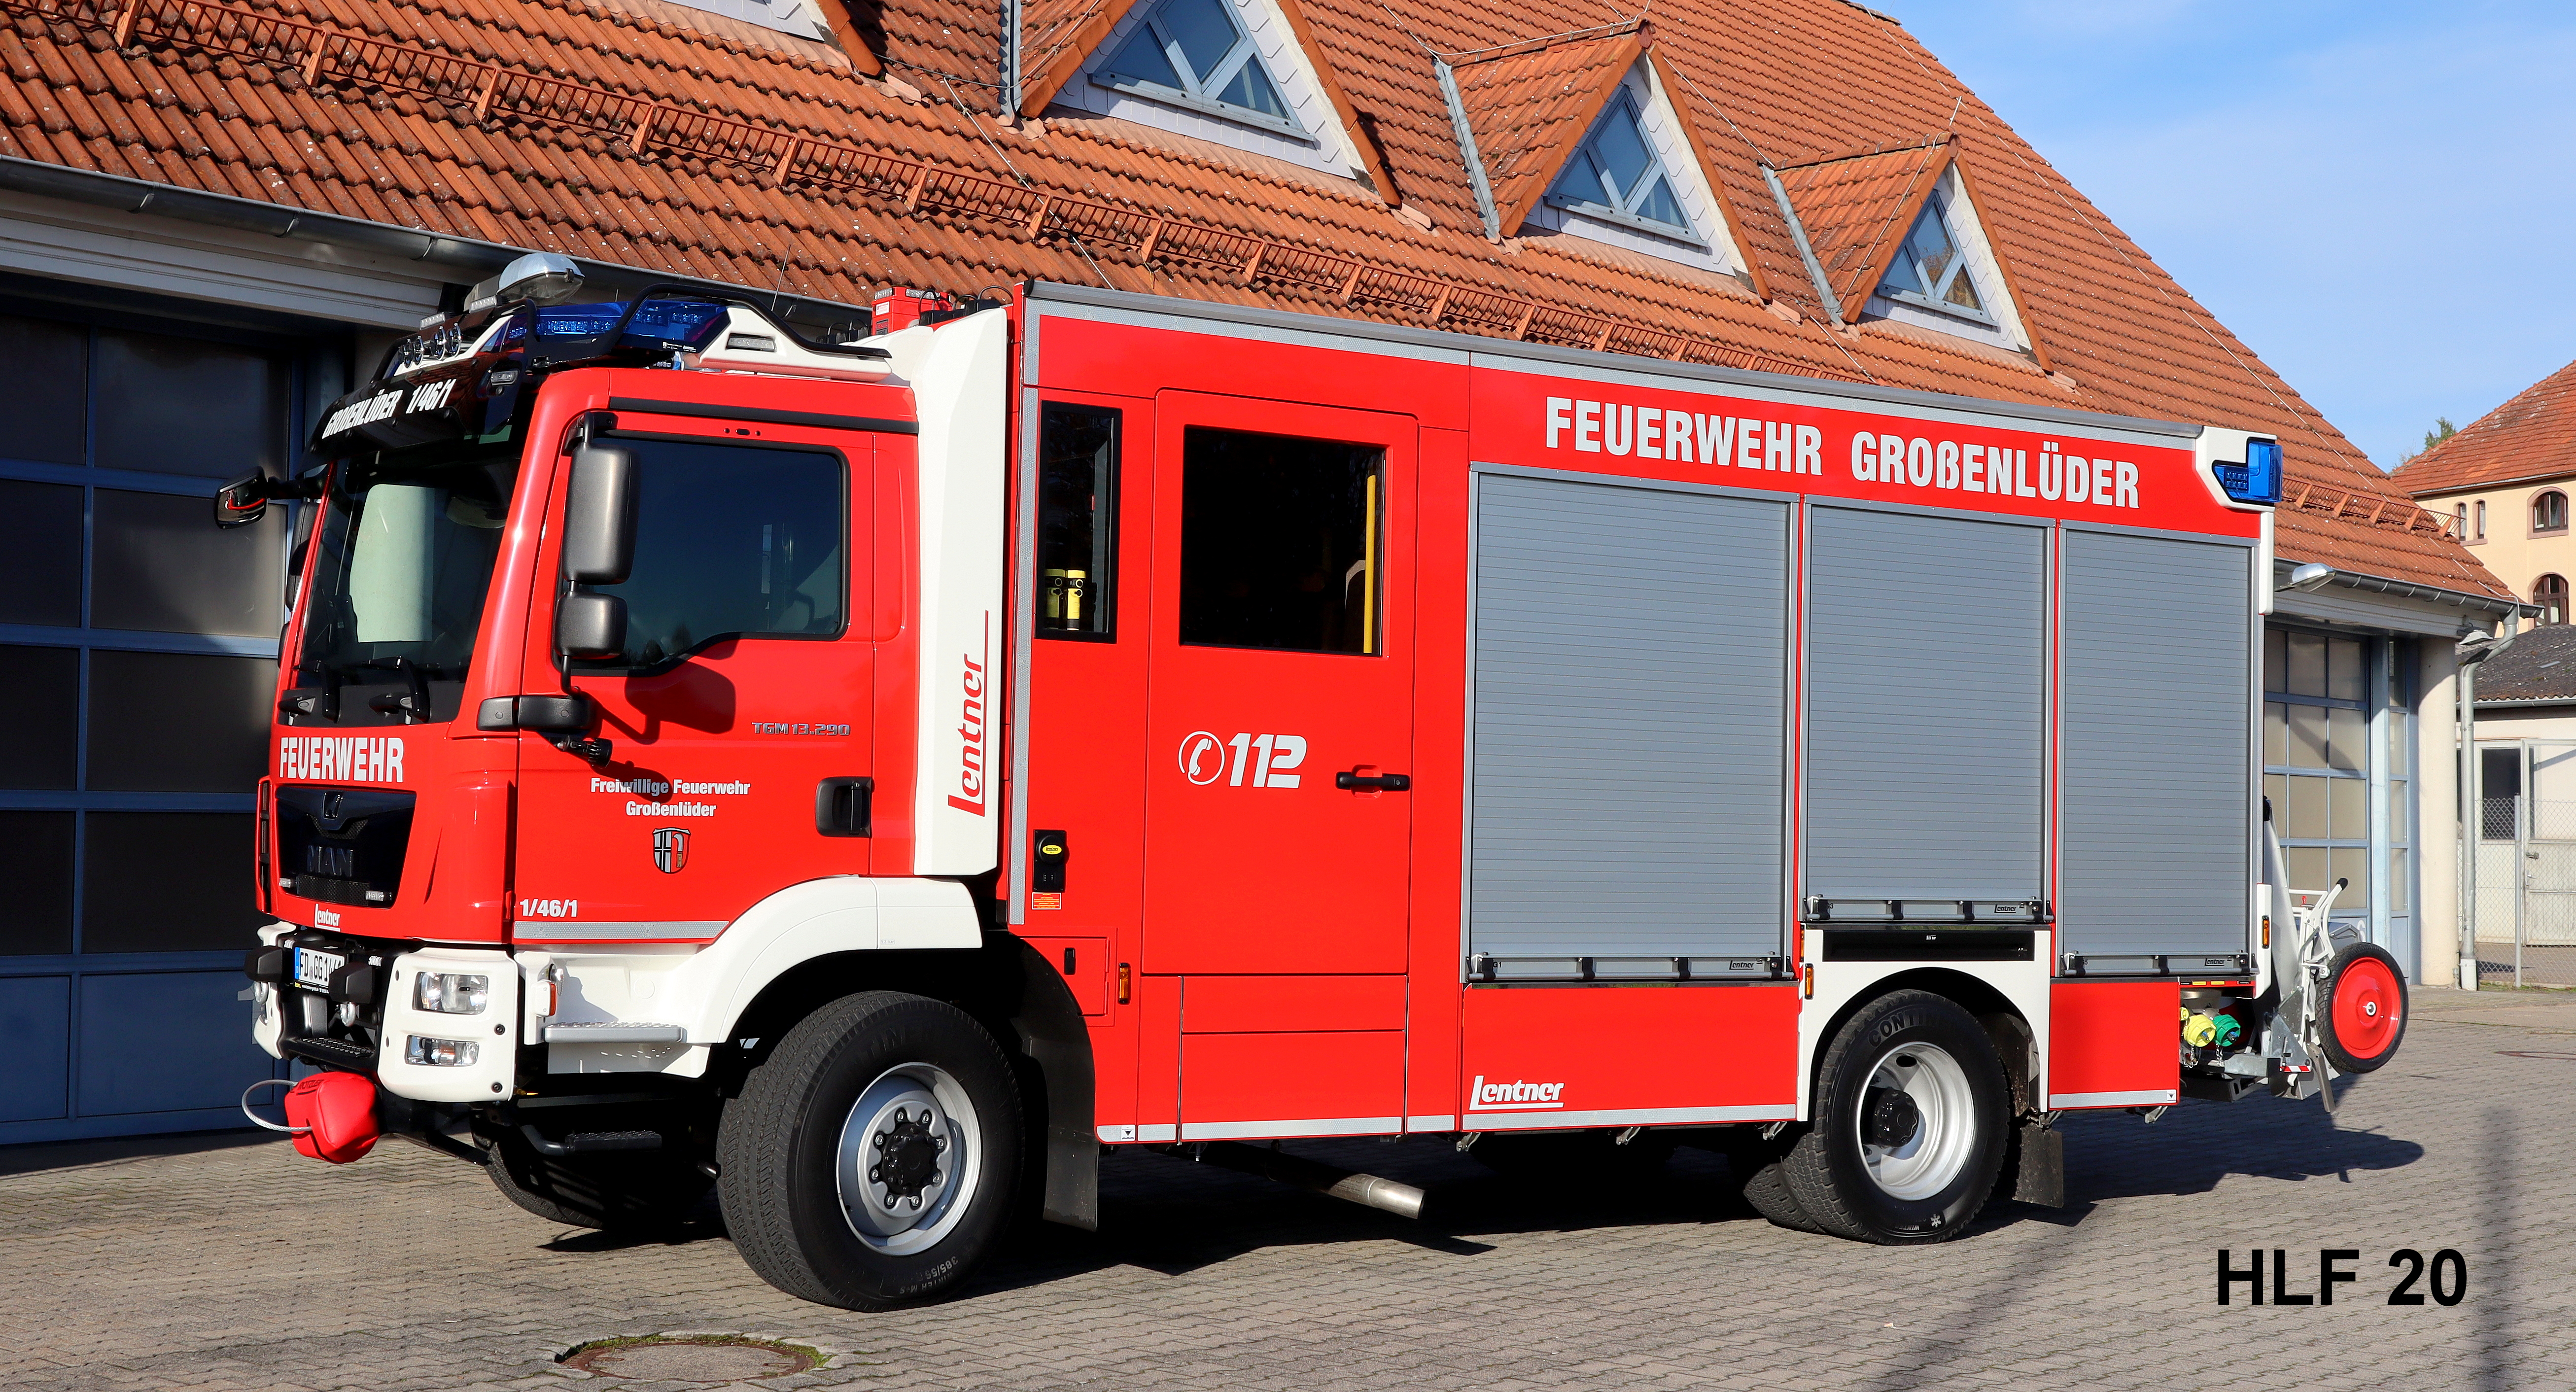 Hilfeleistungslöschgruppenfahrzeug (HLF)20